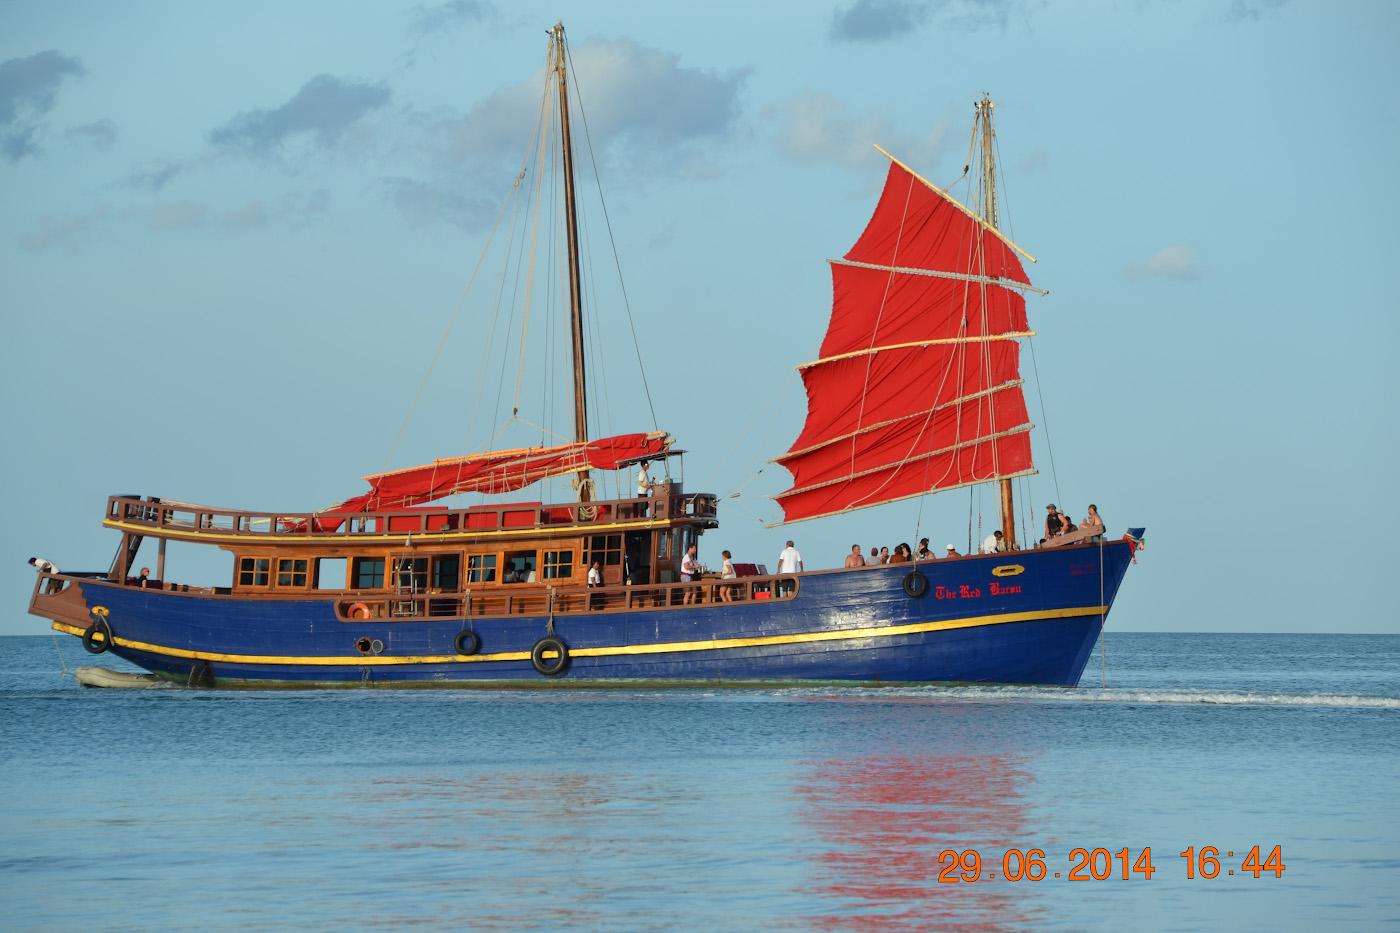 Фото 4. Прогулочный корабль, на котором можно отправиться на экскурсию по островам Таиланда. 1/250, 8.0, 100, 120.